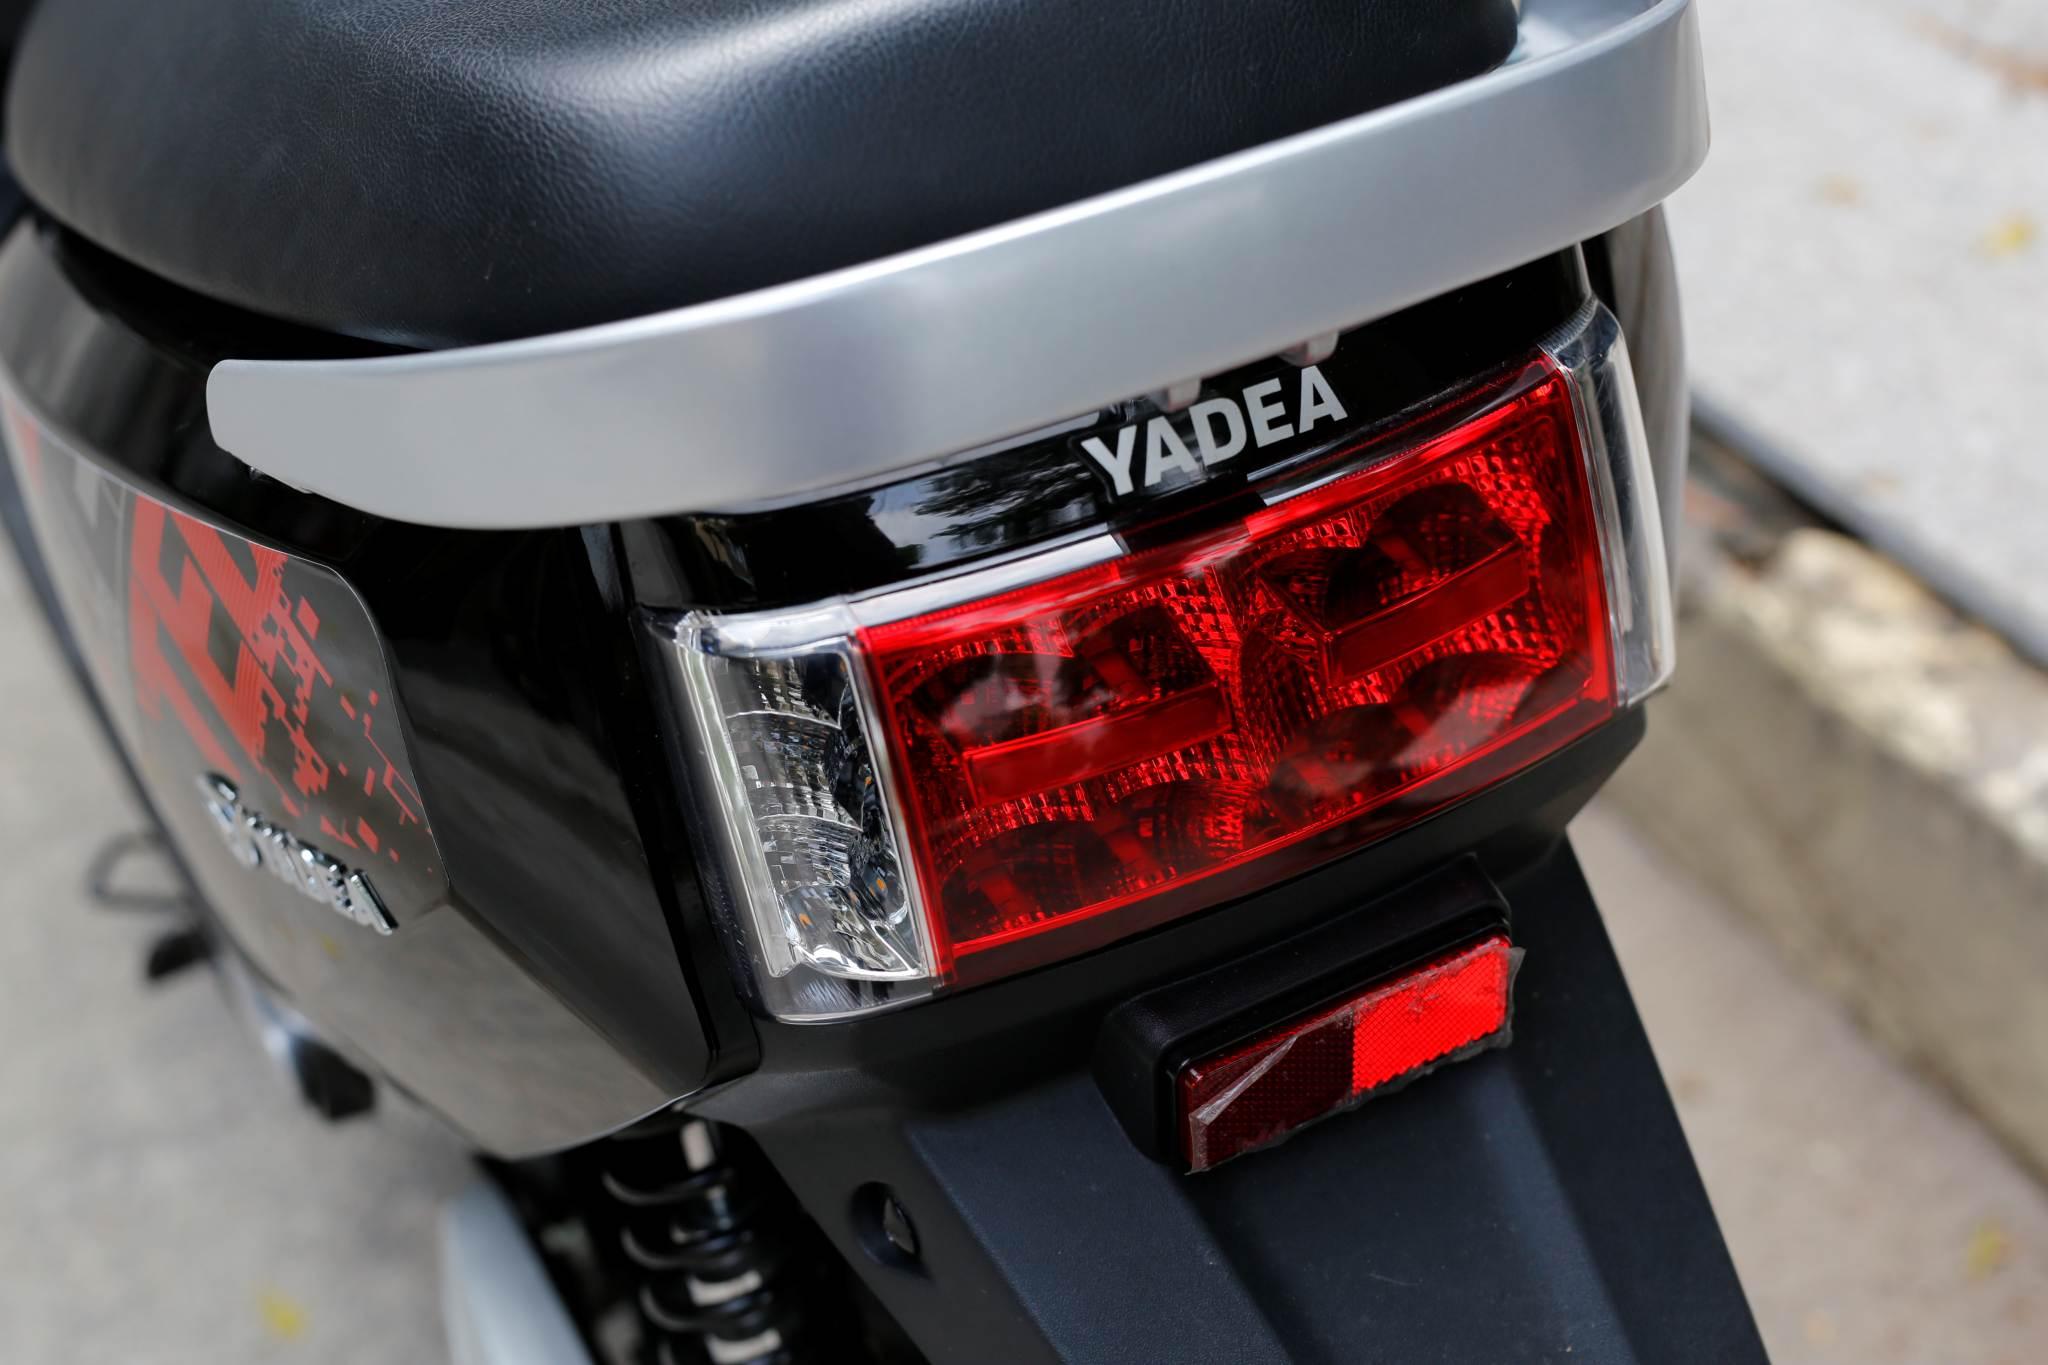 Yadea U Like – xe điện lý tưởng giá chỉ 19 triệu cho học sinh – sinh viên - 13